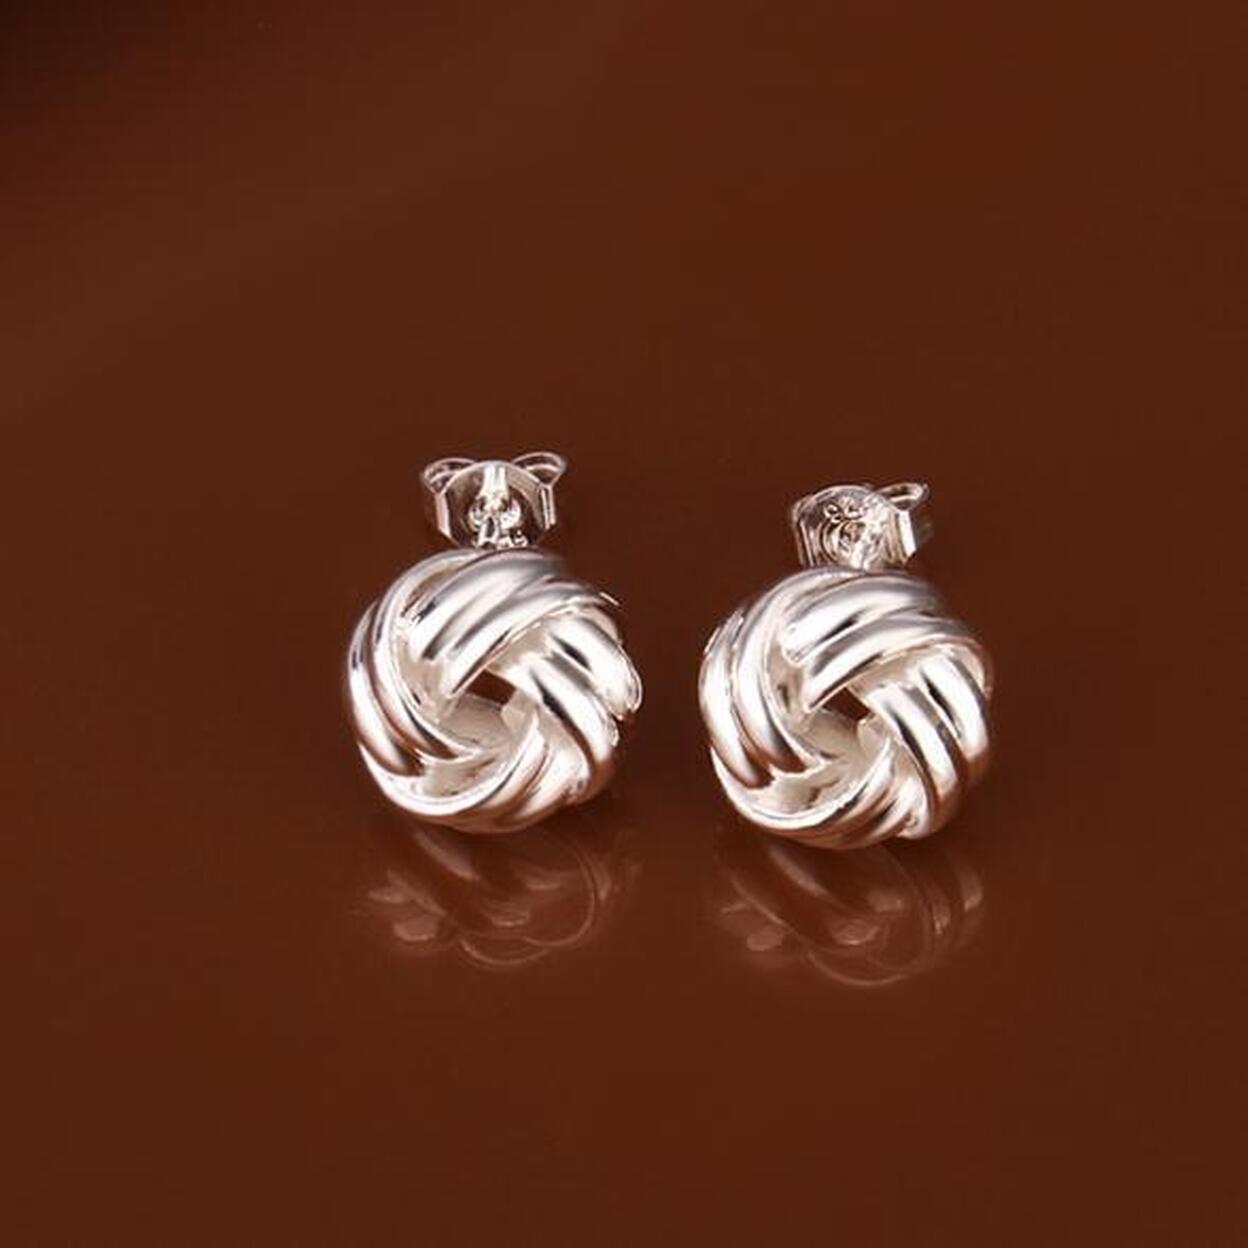 Puffy Love Knots Sterling Silver Earrings